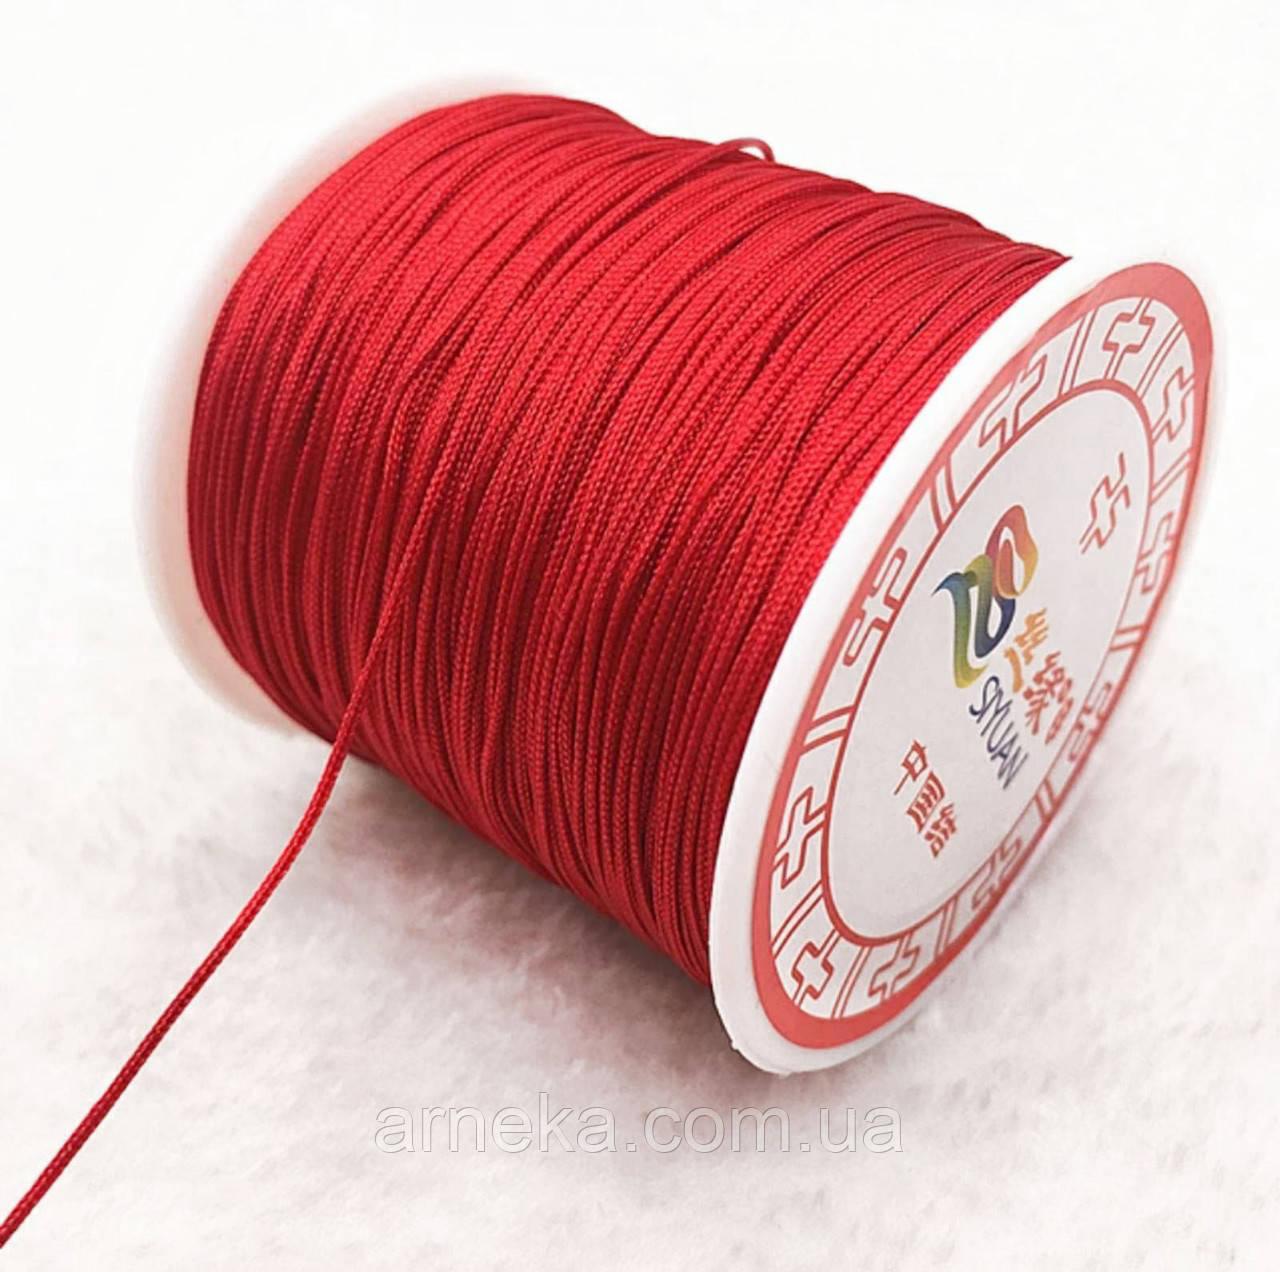 Шнурок красный нейлон 1,5 мм